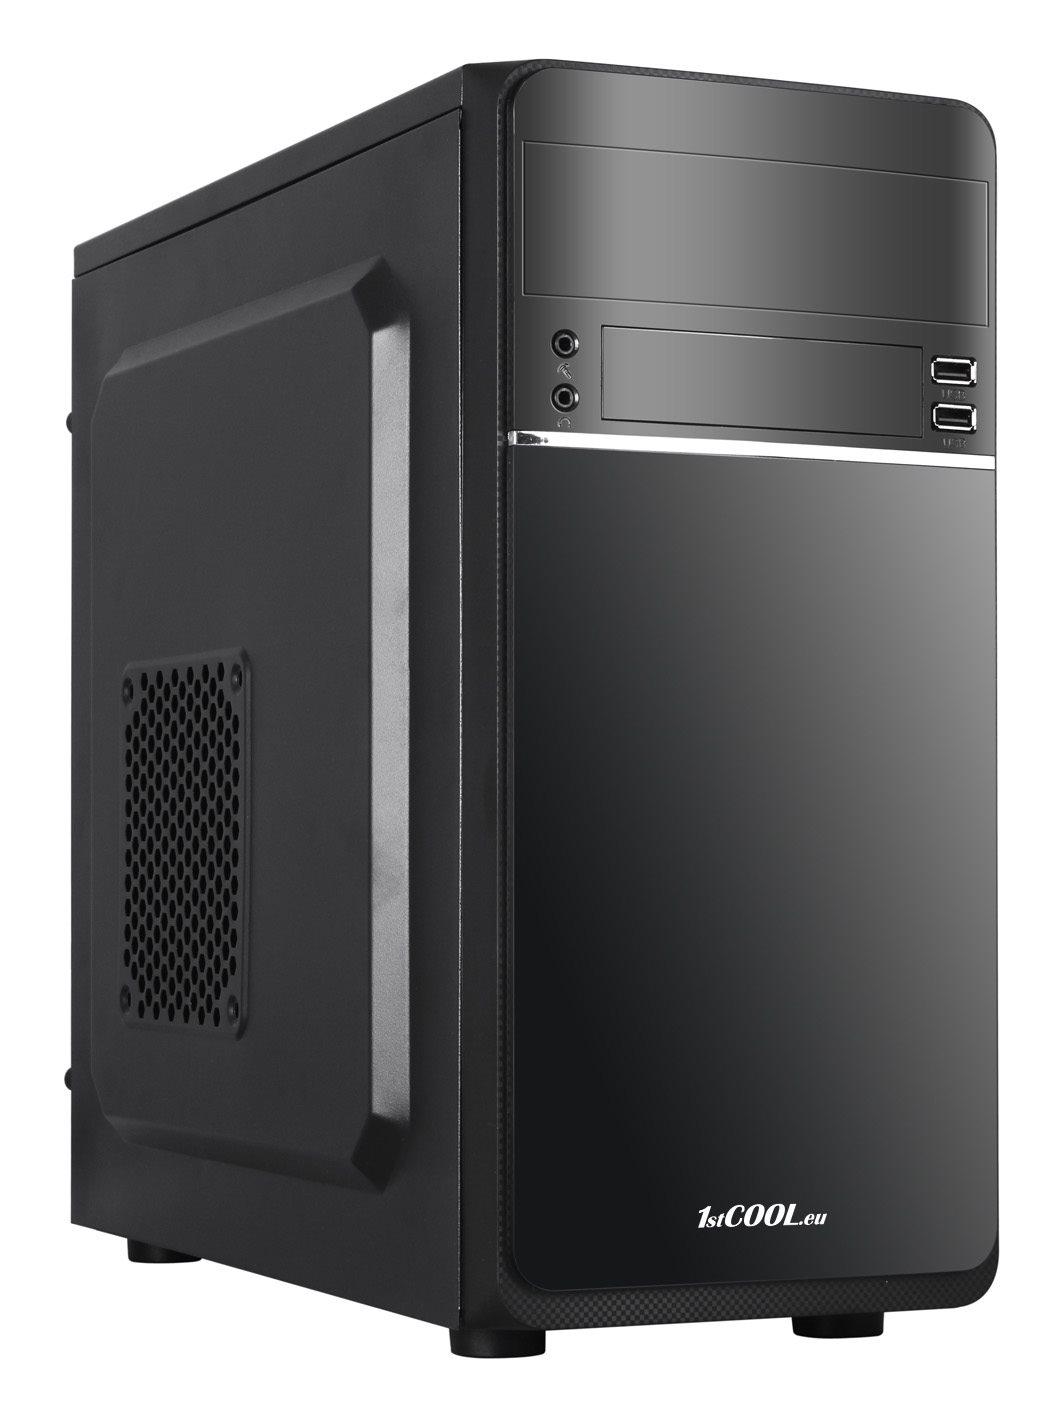 1stCOOL skříň STEP 1, micro ATX, AU, USB 2.0, bez zdroje, Black